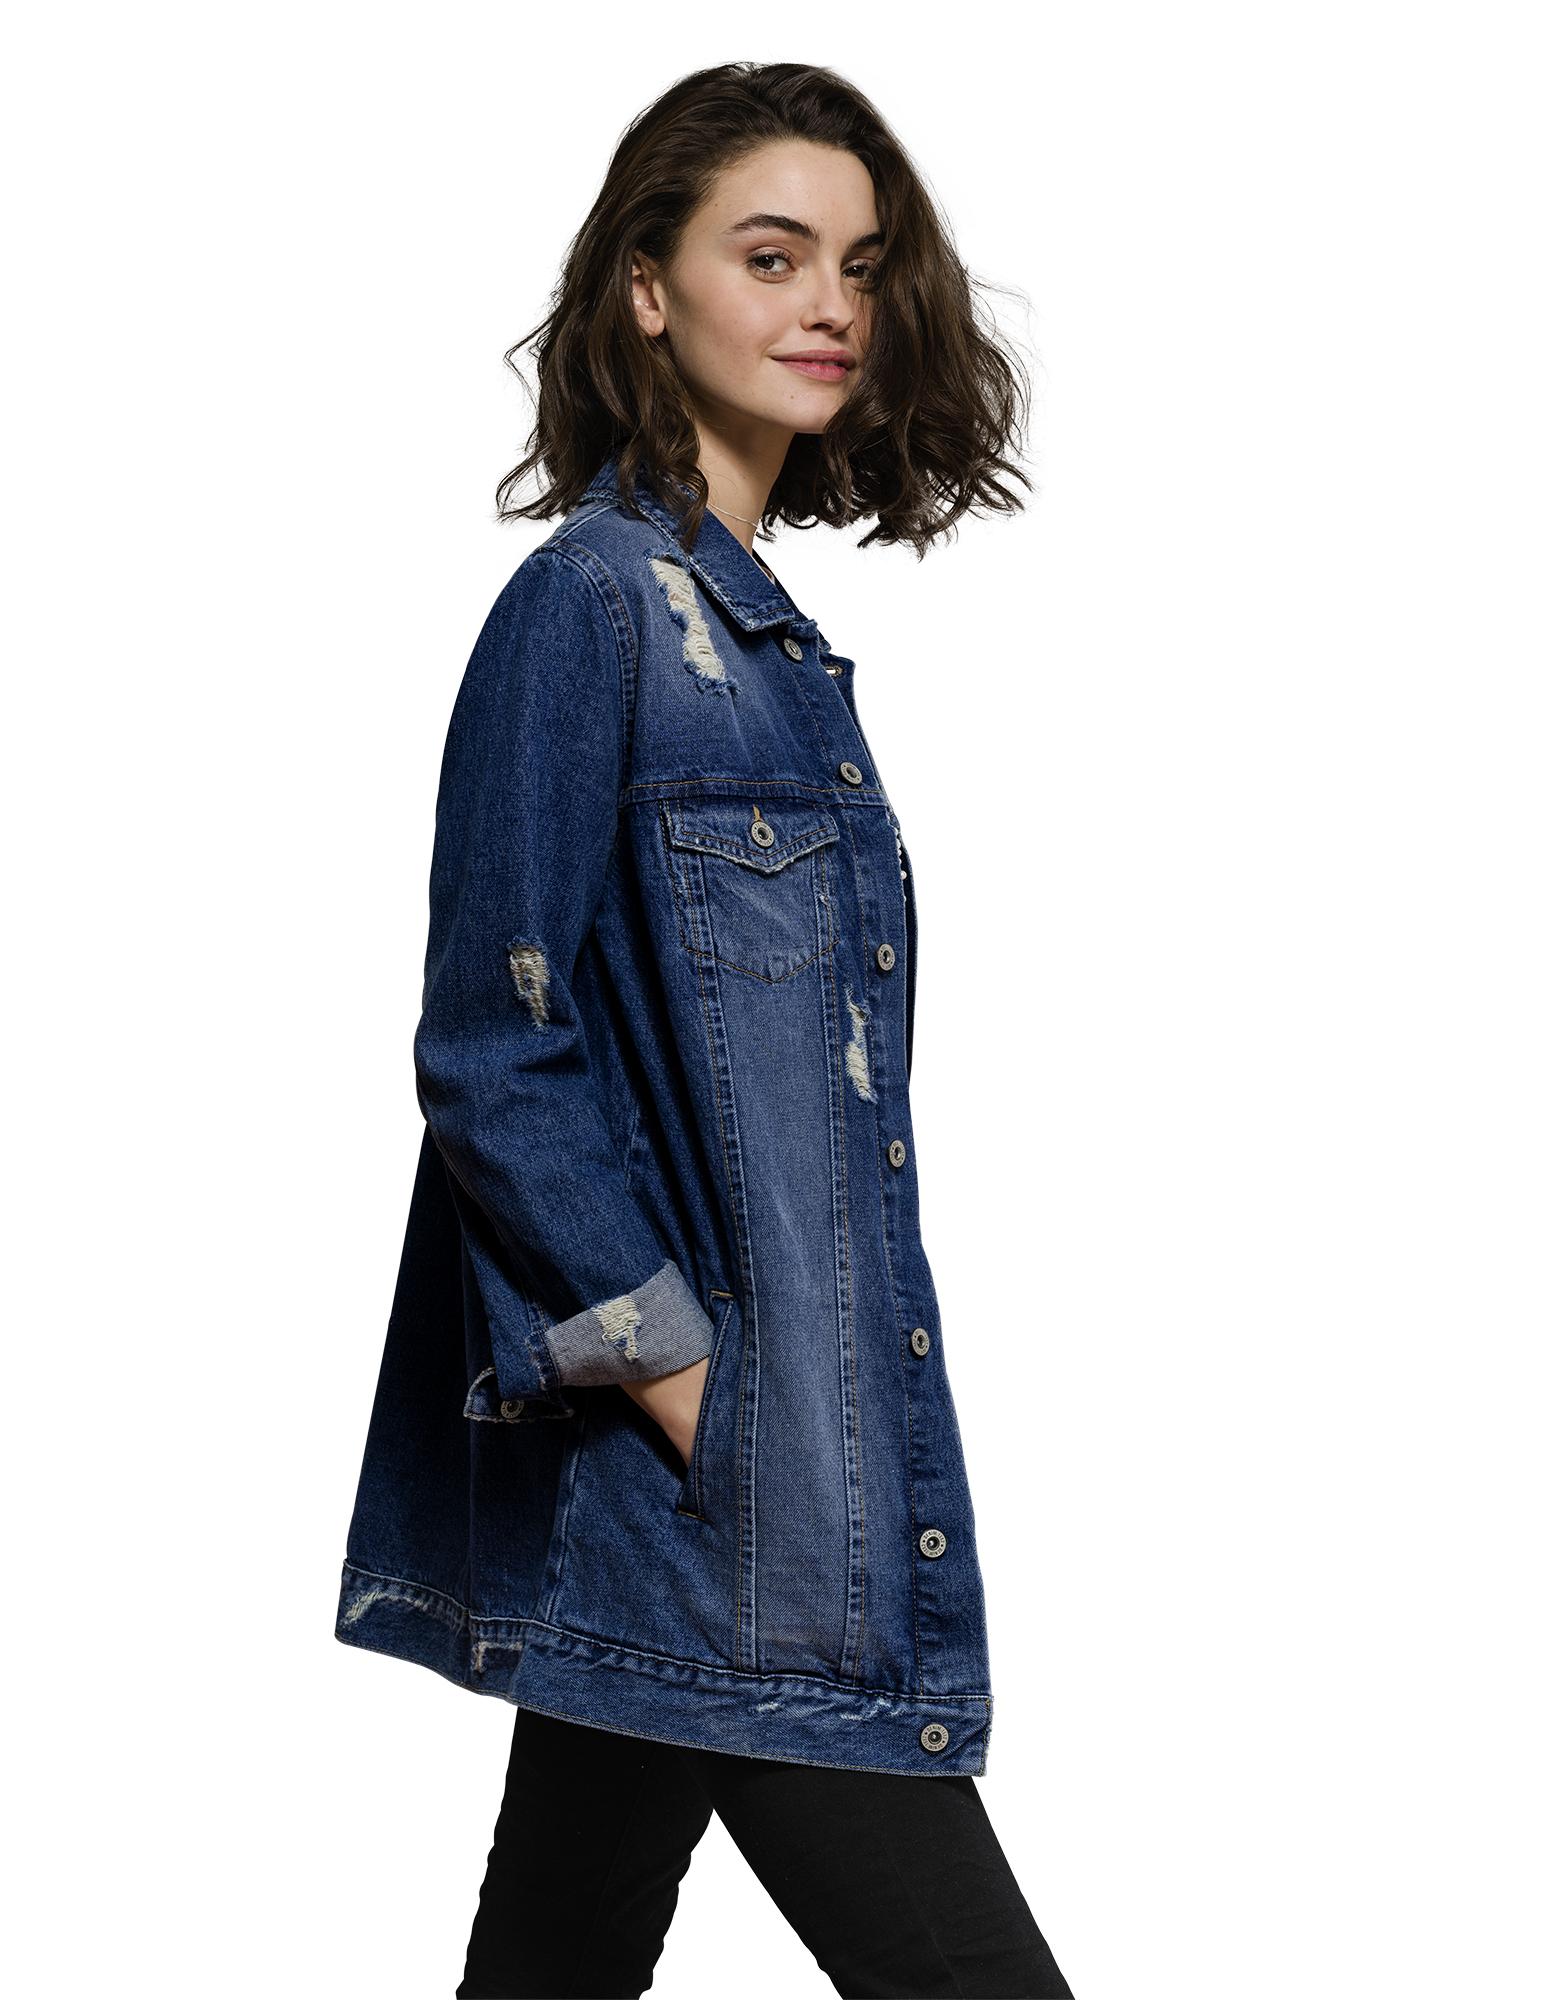 Damen oversized jeansjacke im destroyed look takko fashion for Jeansjacke oversize damen